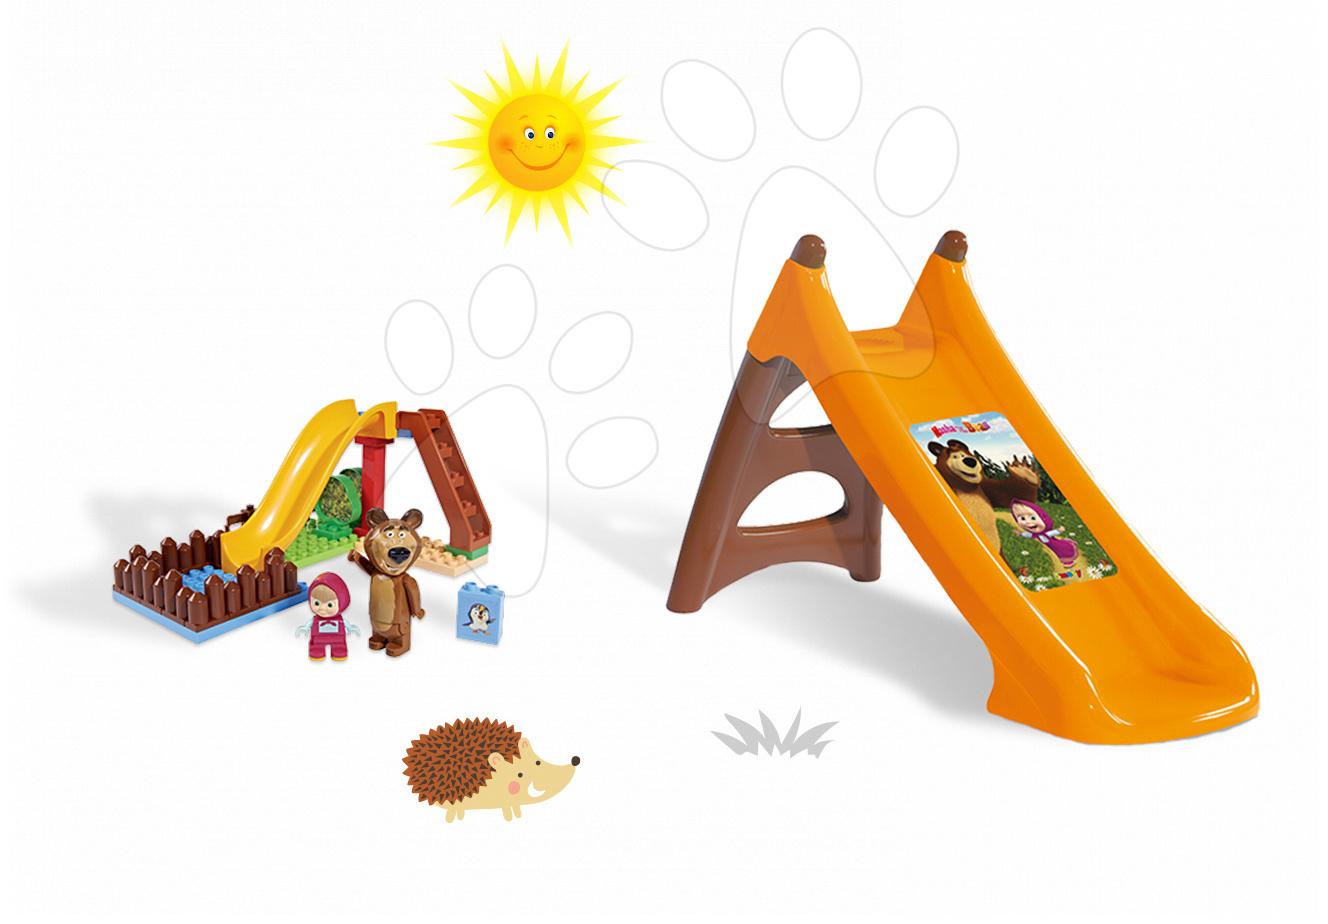 Set skluzavka Máša a medvěd Toboggan XS Smoby délka 90 cm a stavebnice PlayBIG Bloxx na skluzavce od 24 měsíců